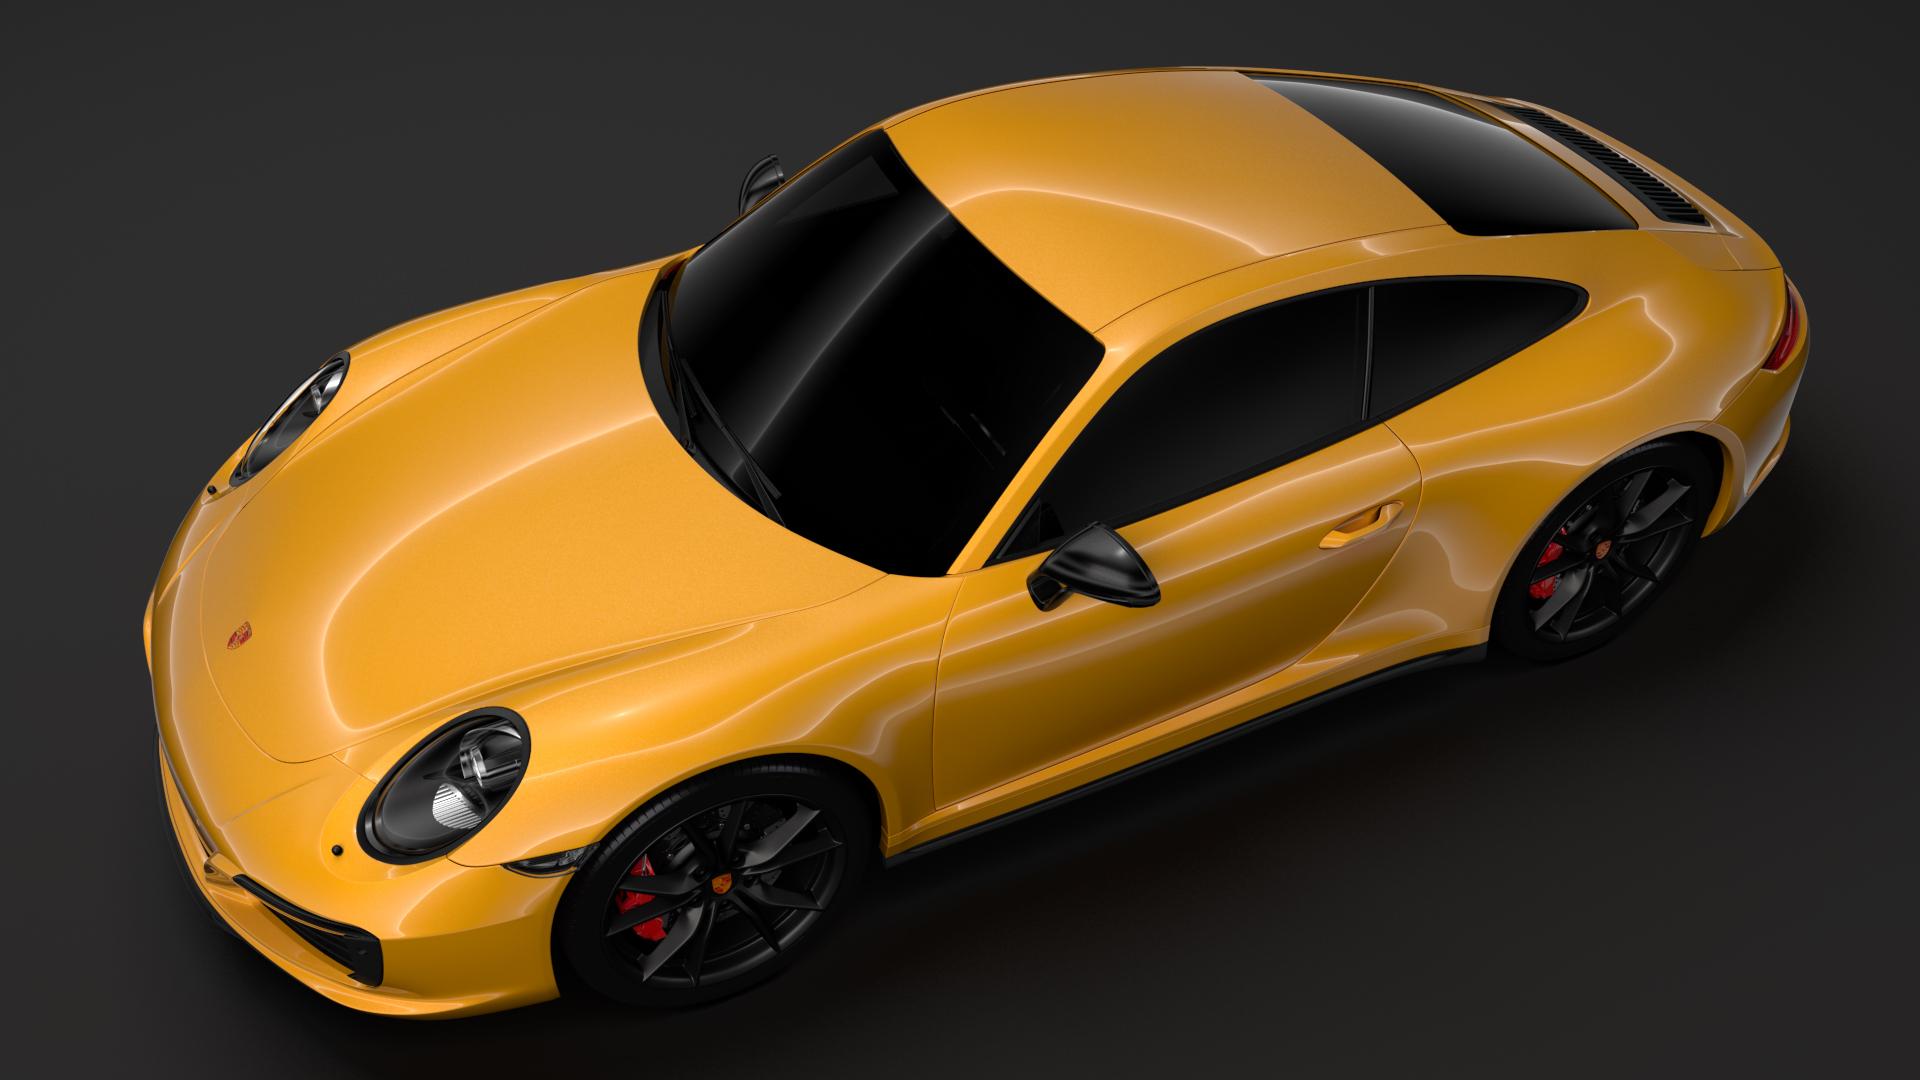 porsche 911 carrera t kupe (991) 2018 3d model max fbx c4d lwo ma mb hrc xsi obj 278960